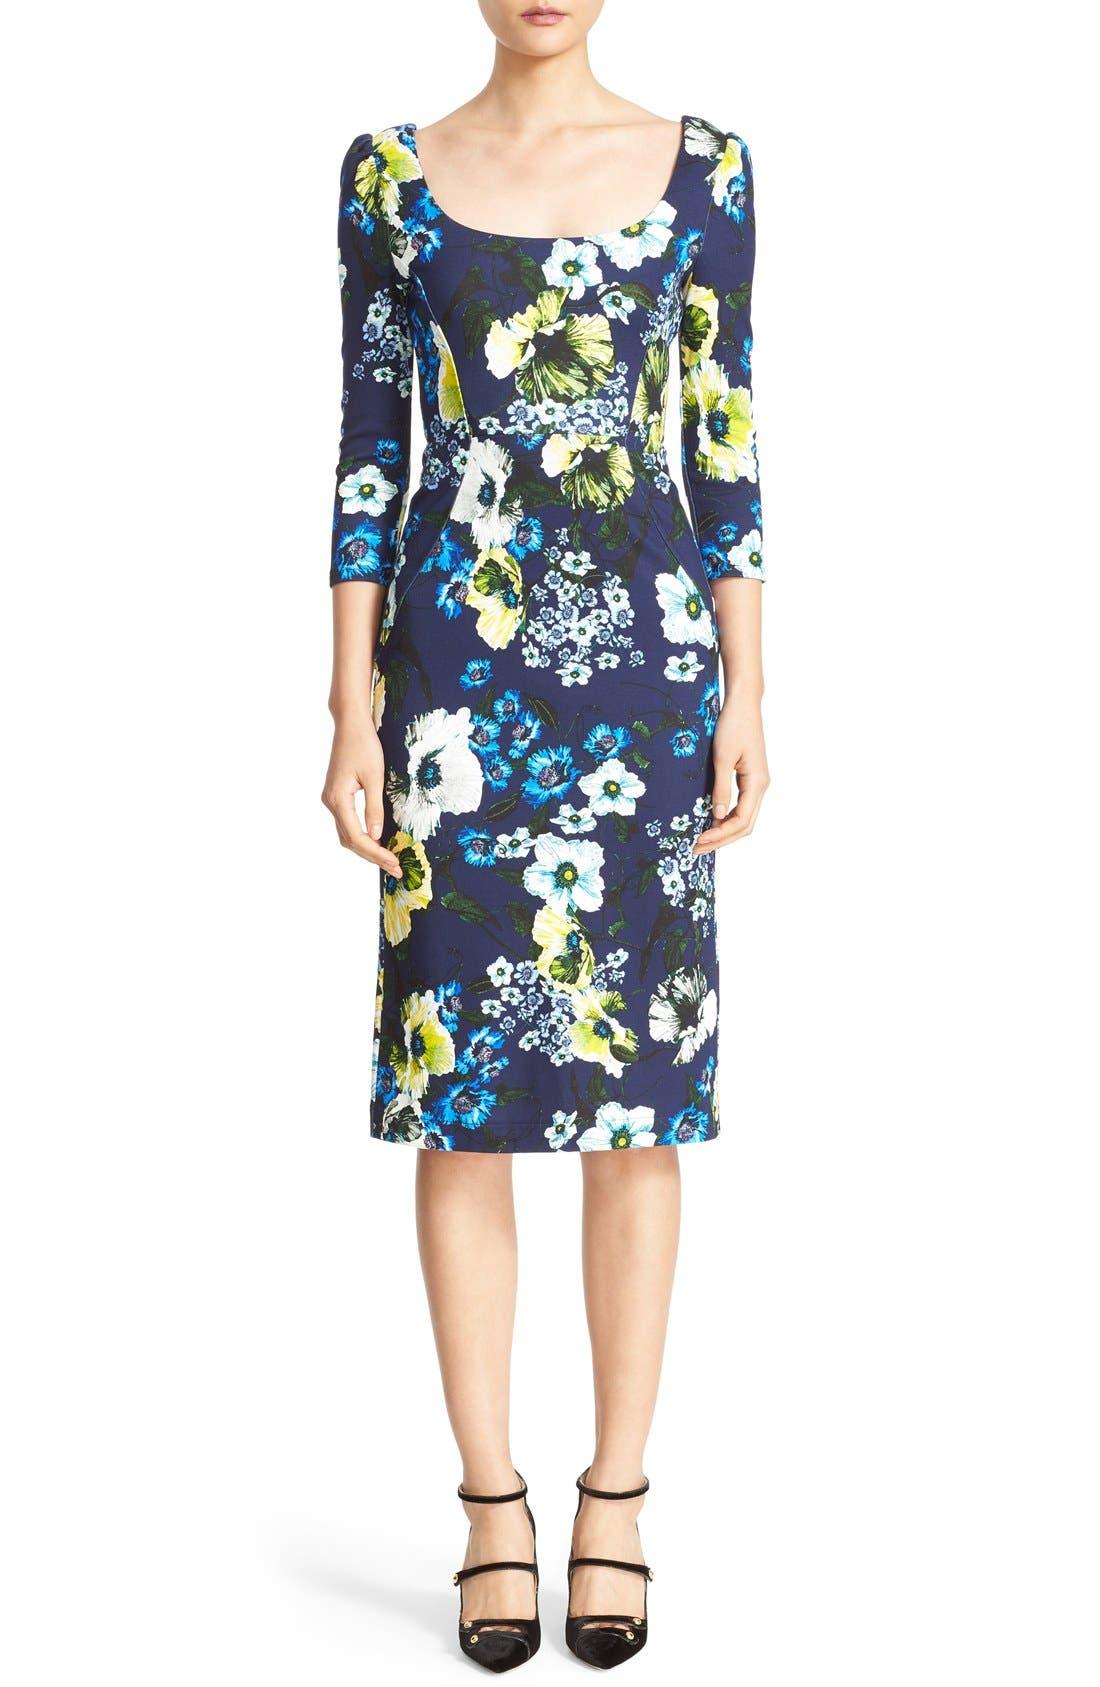 ERDEM Tess Floral Print Jersey Dress